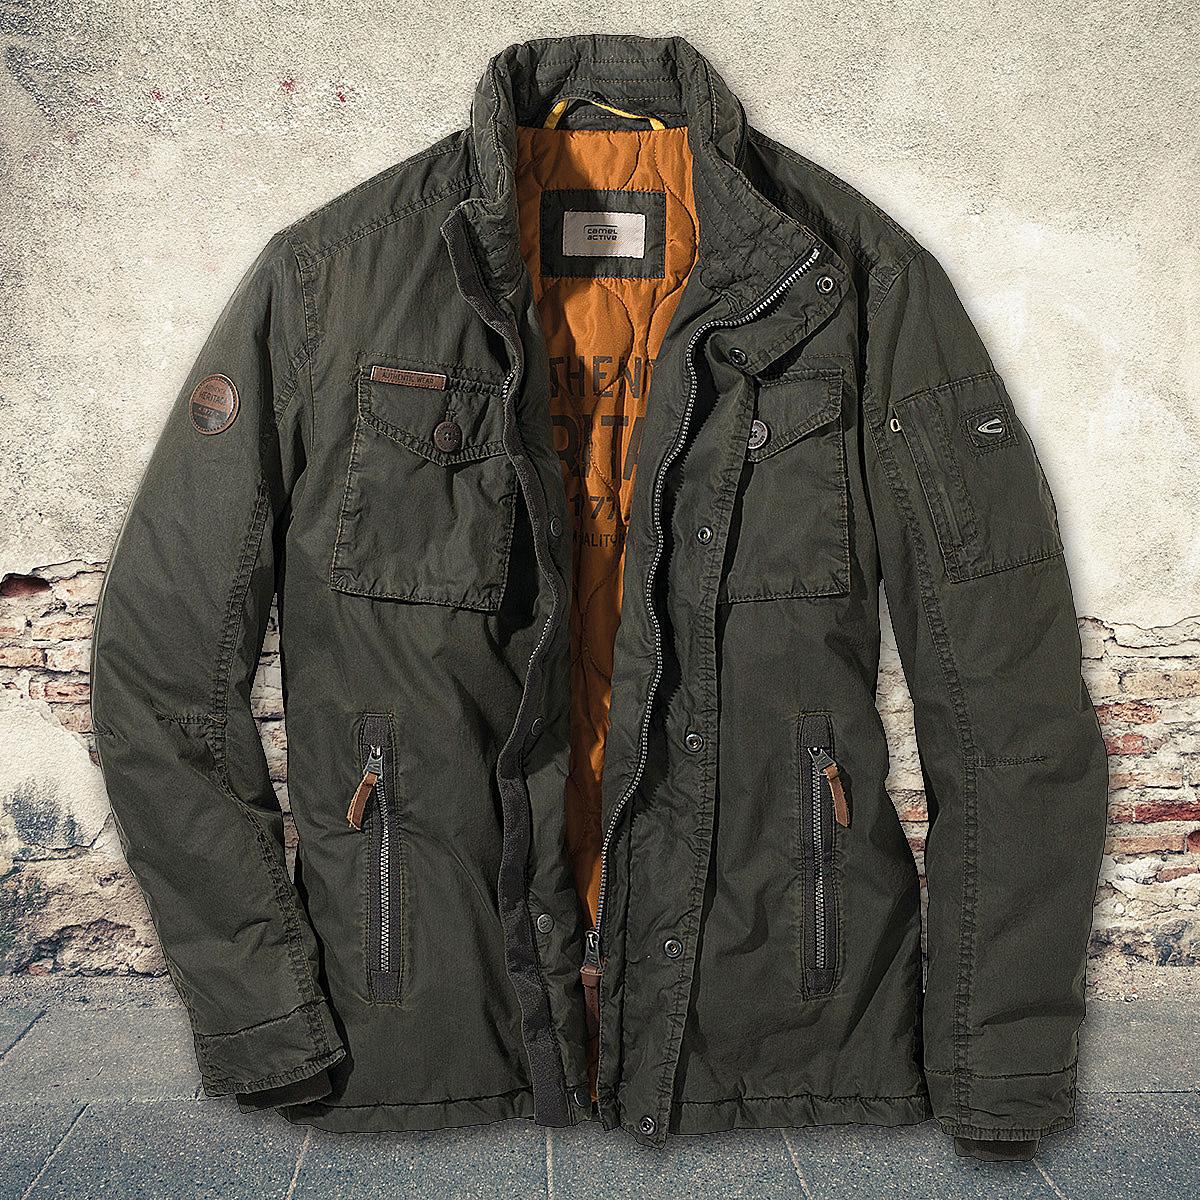 buy online 8c5ba f66be Camel active | Winter-Jacke mit Baumwolle | Farbe schlamm